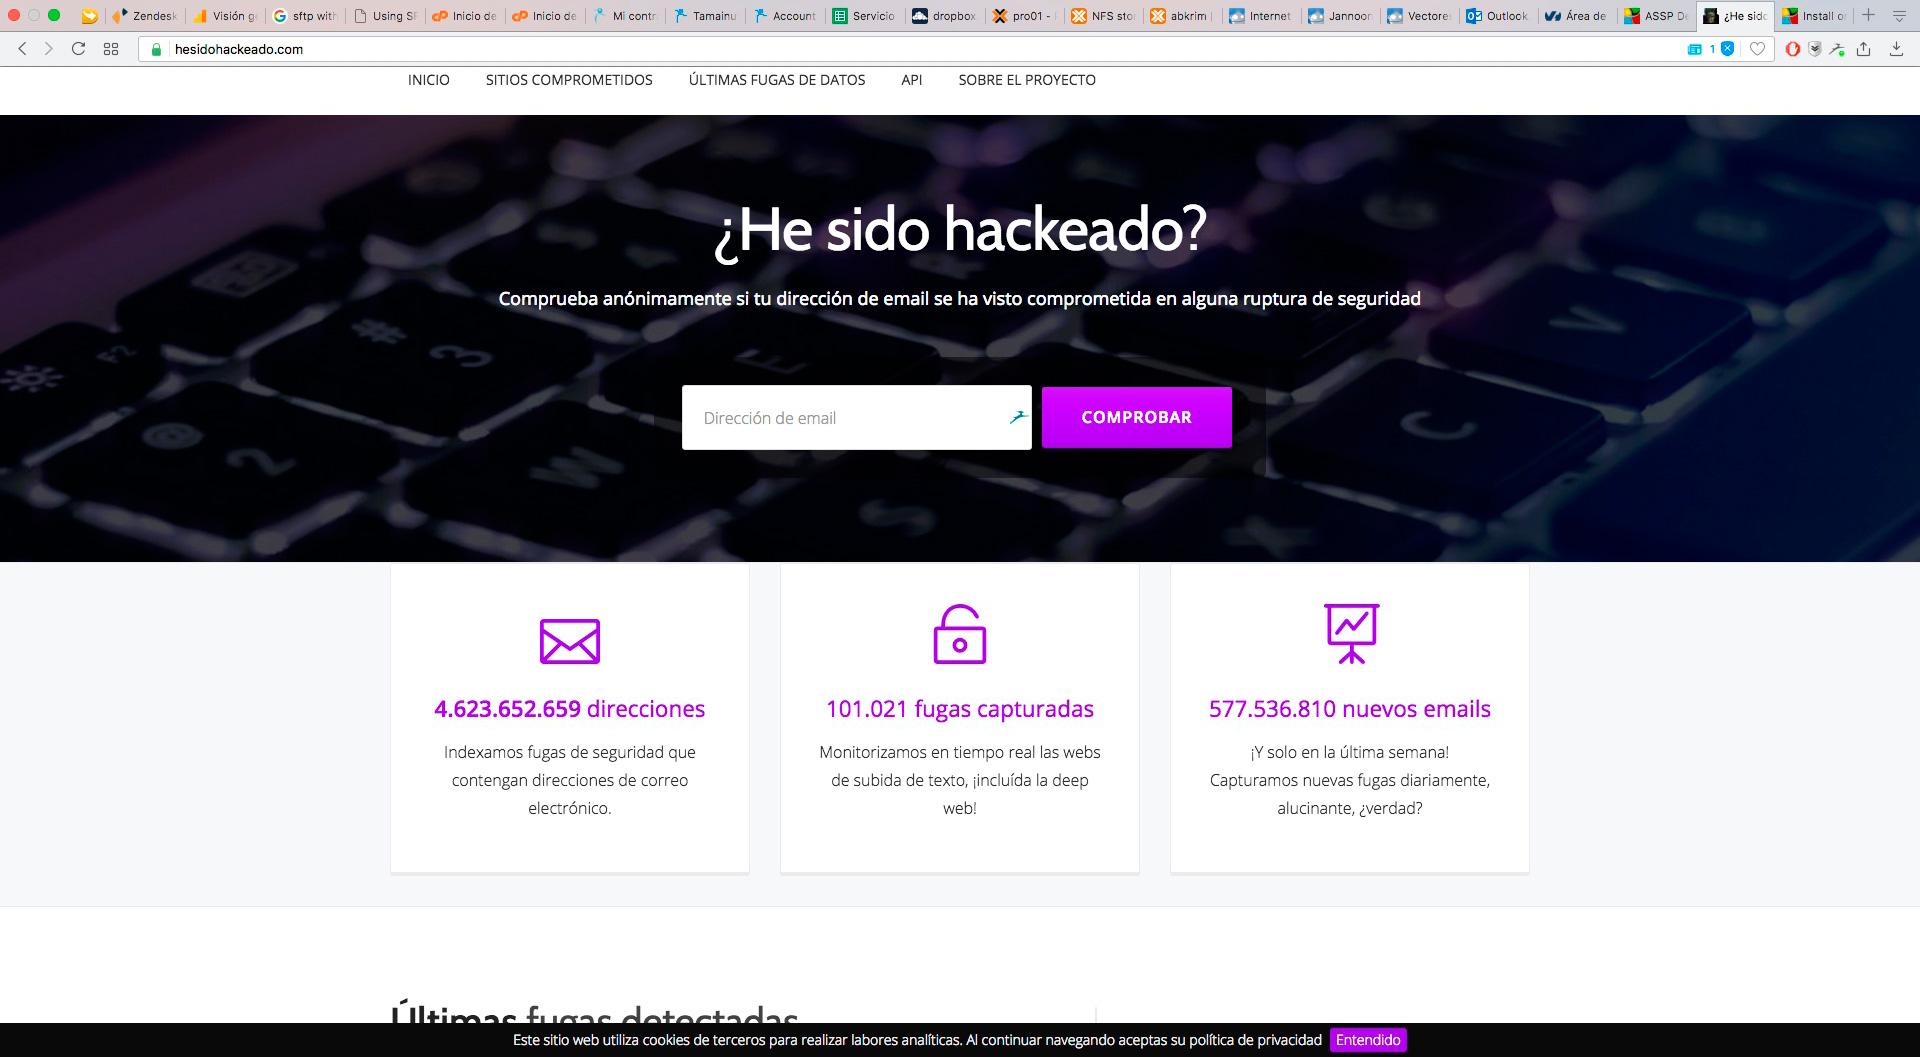 hesidohackeado.com